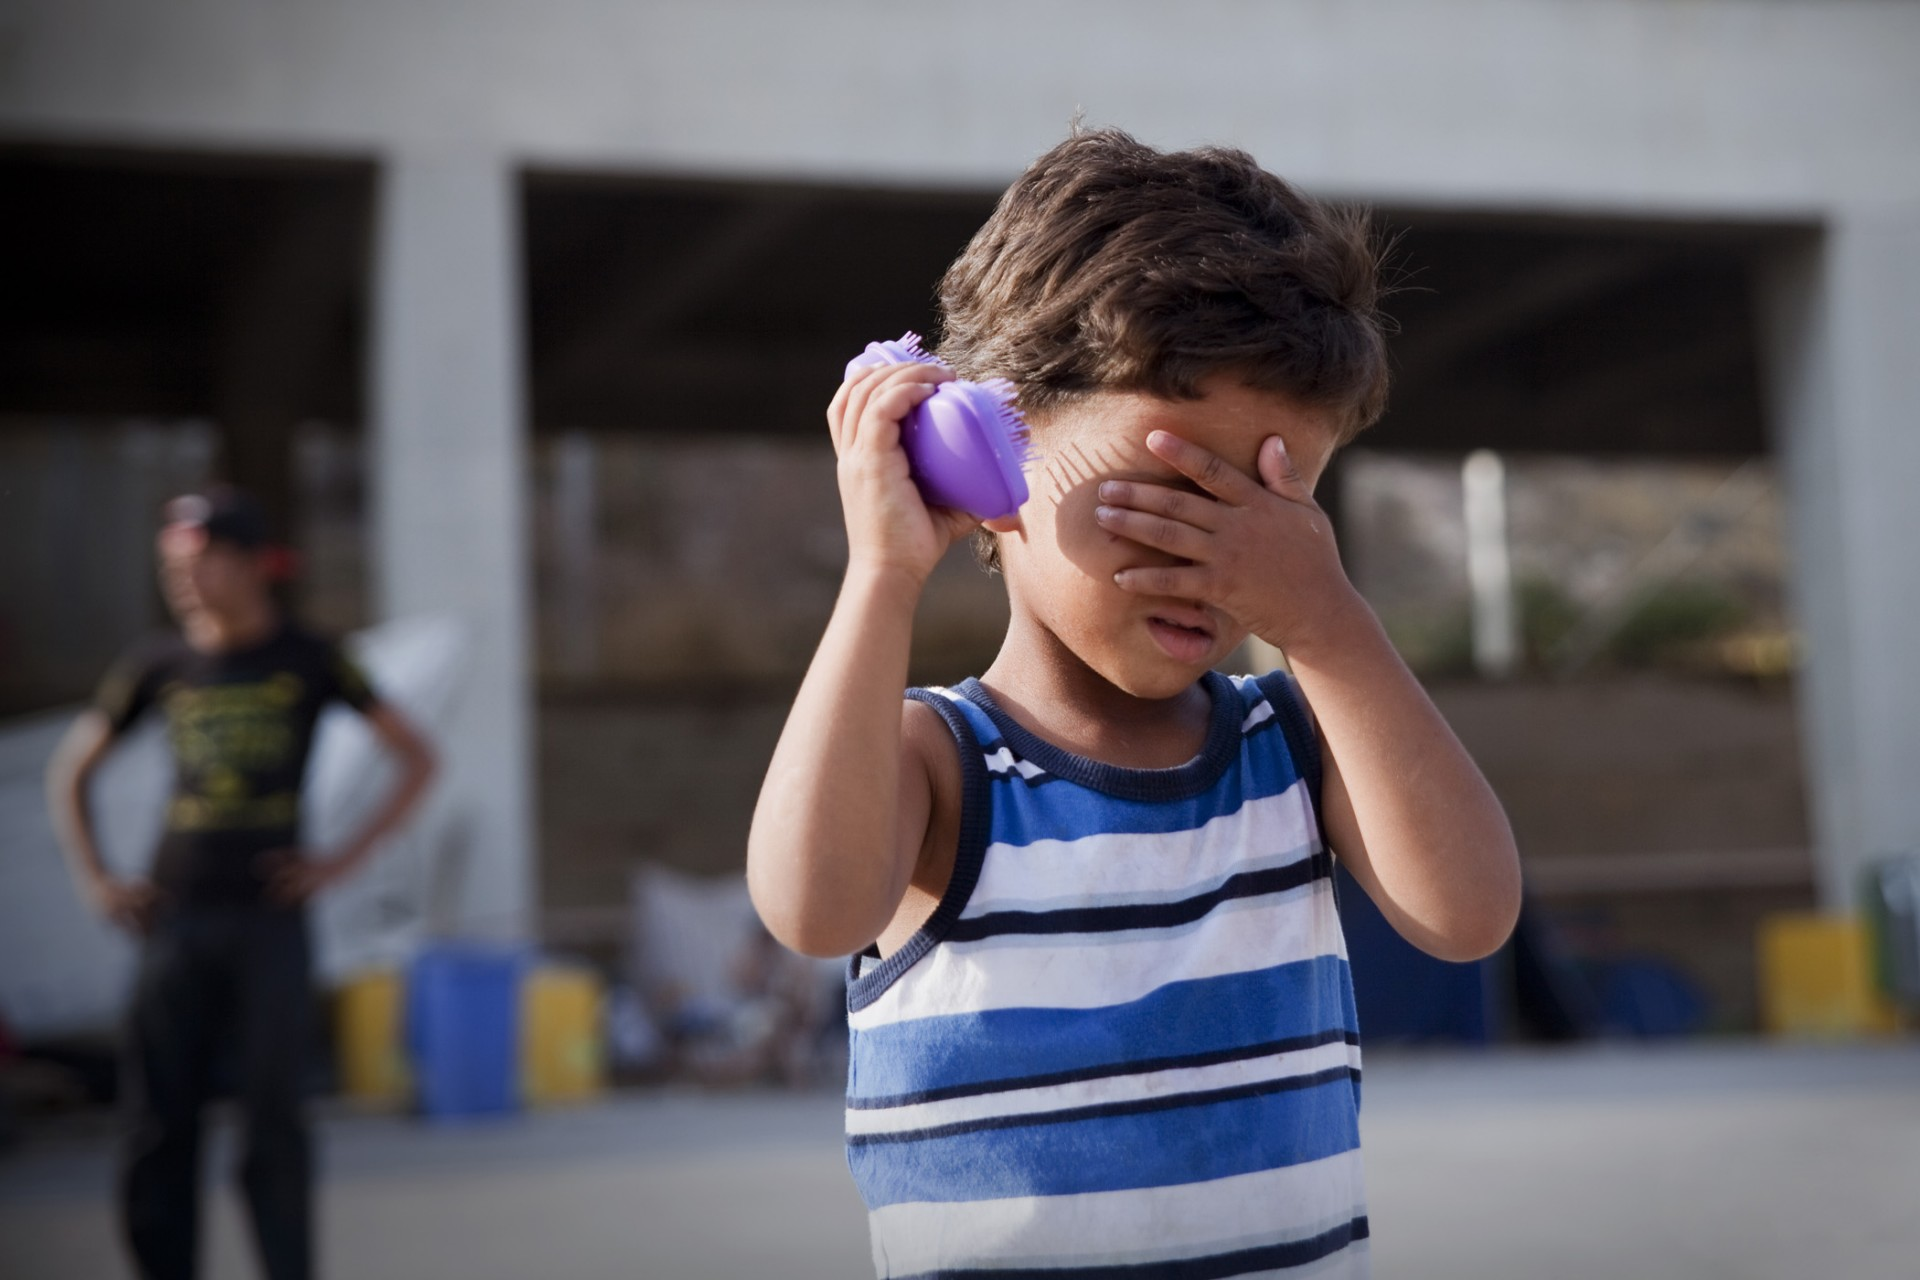 Quelques jouets et accessoires sont apportés par des bénévoles et distribués quotidiennement aux enfants.